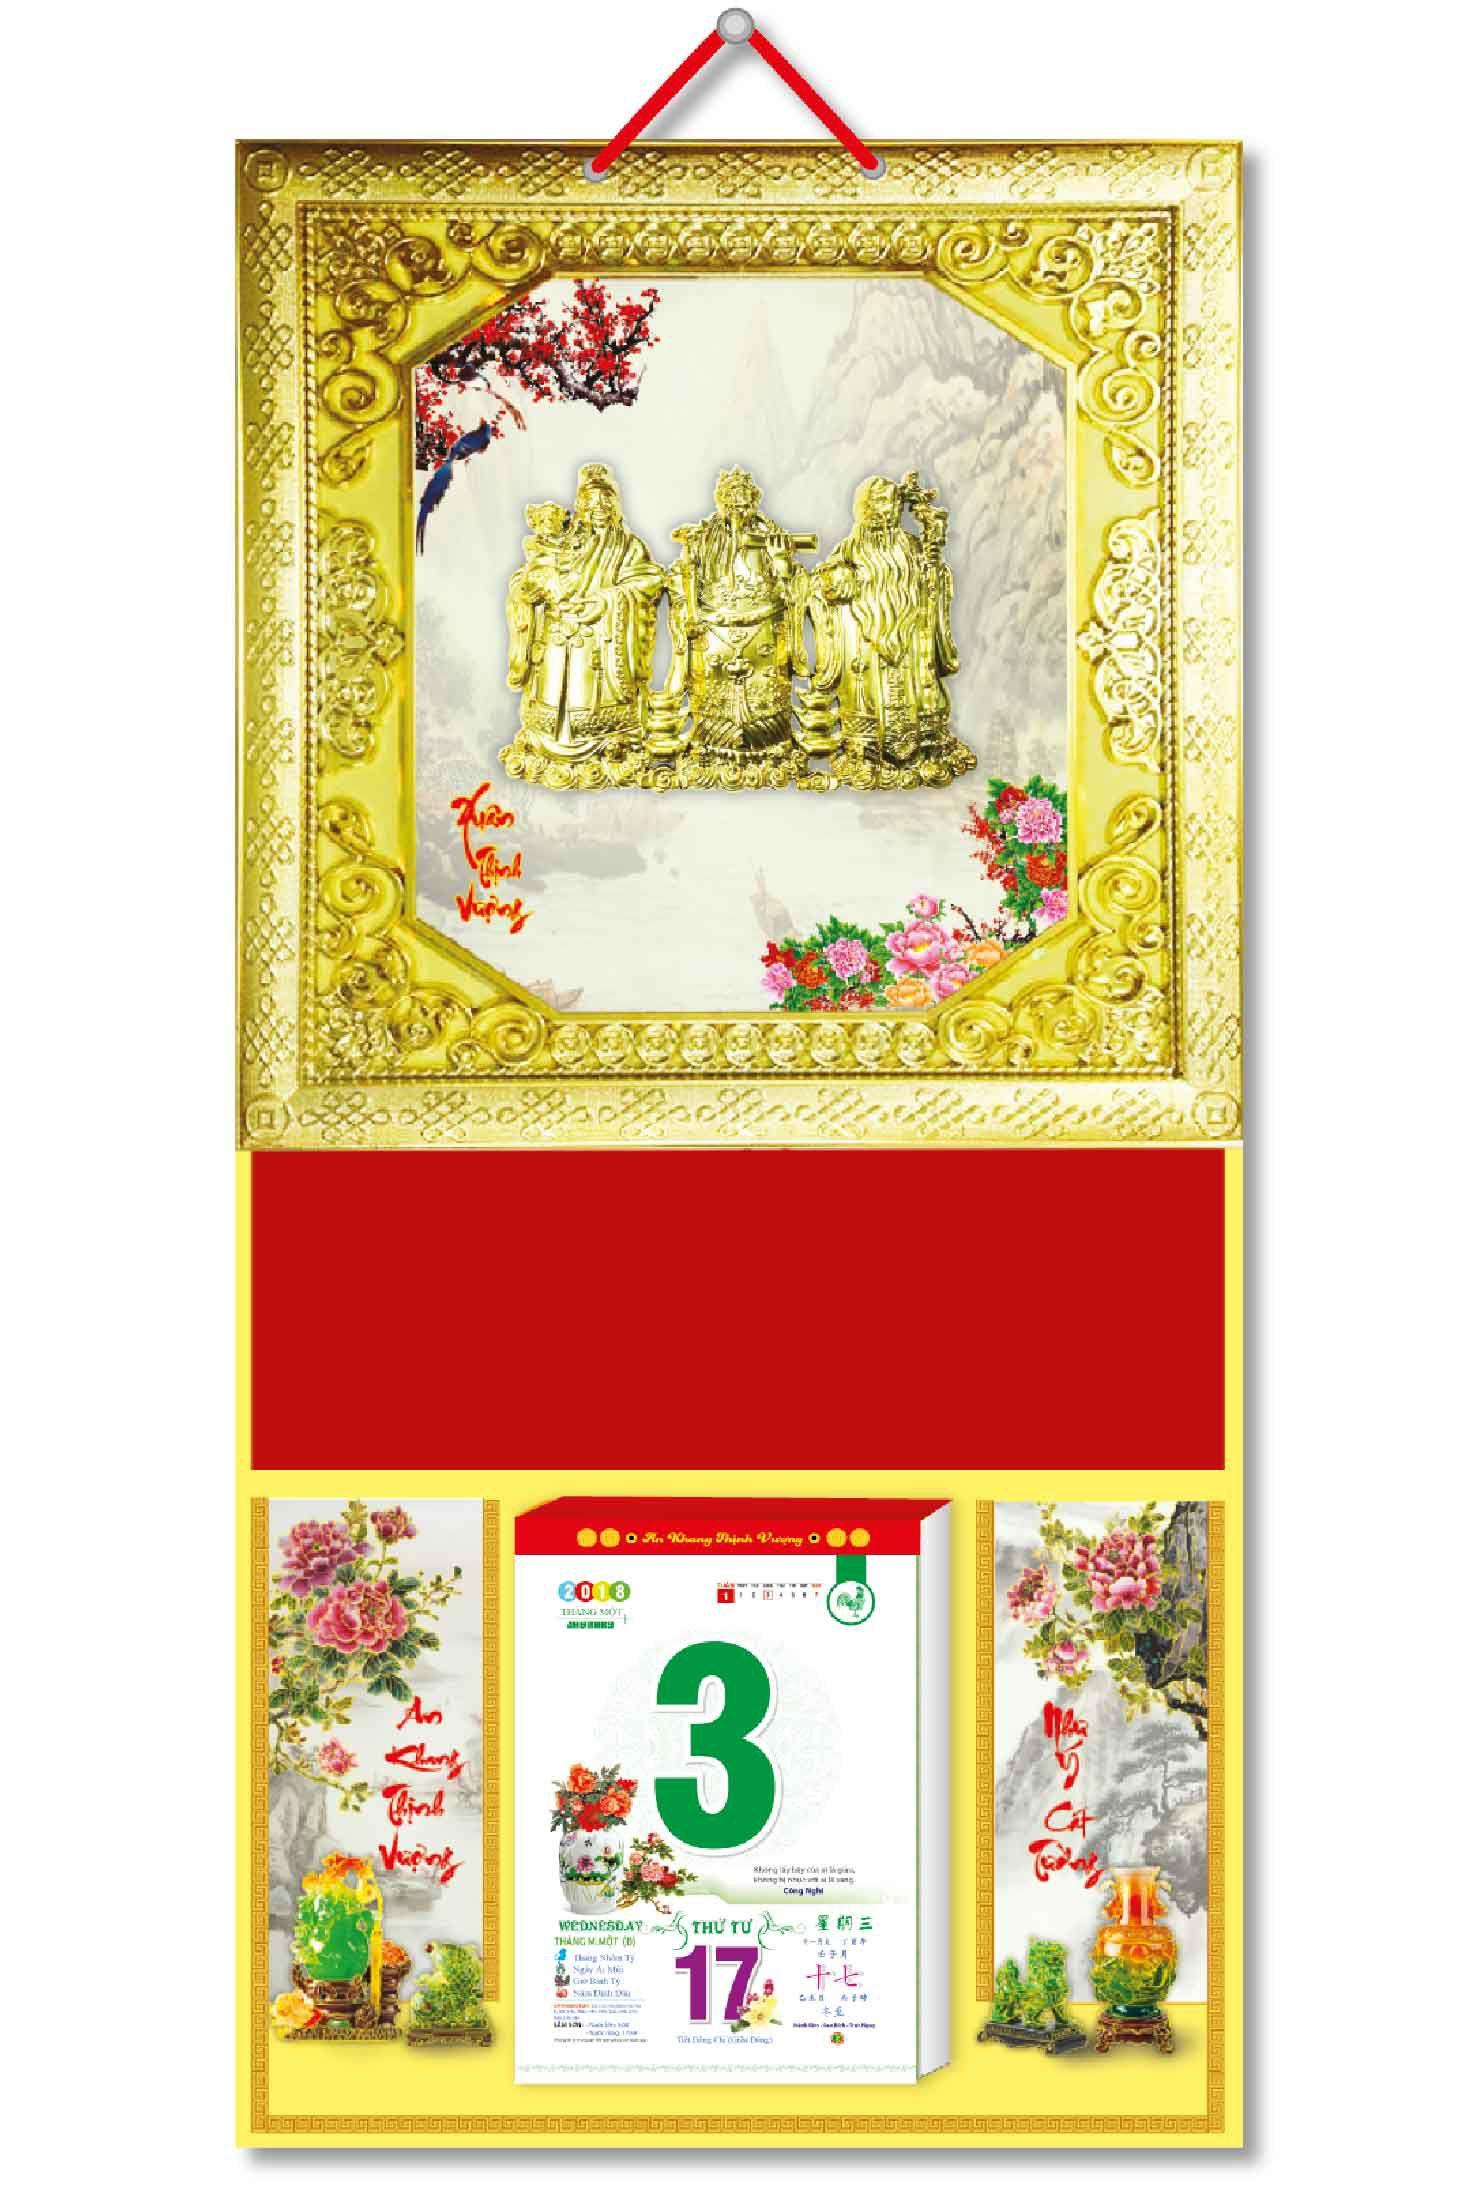 KV56 - Bìa Treo Lịch 2018 Da Simili Dán Chữ Nổi (35 x 70cm) - Khung vàng, Dán Hình Phúc Lộc Thọ - EBOOK/PDF/PRC/EPUB